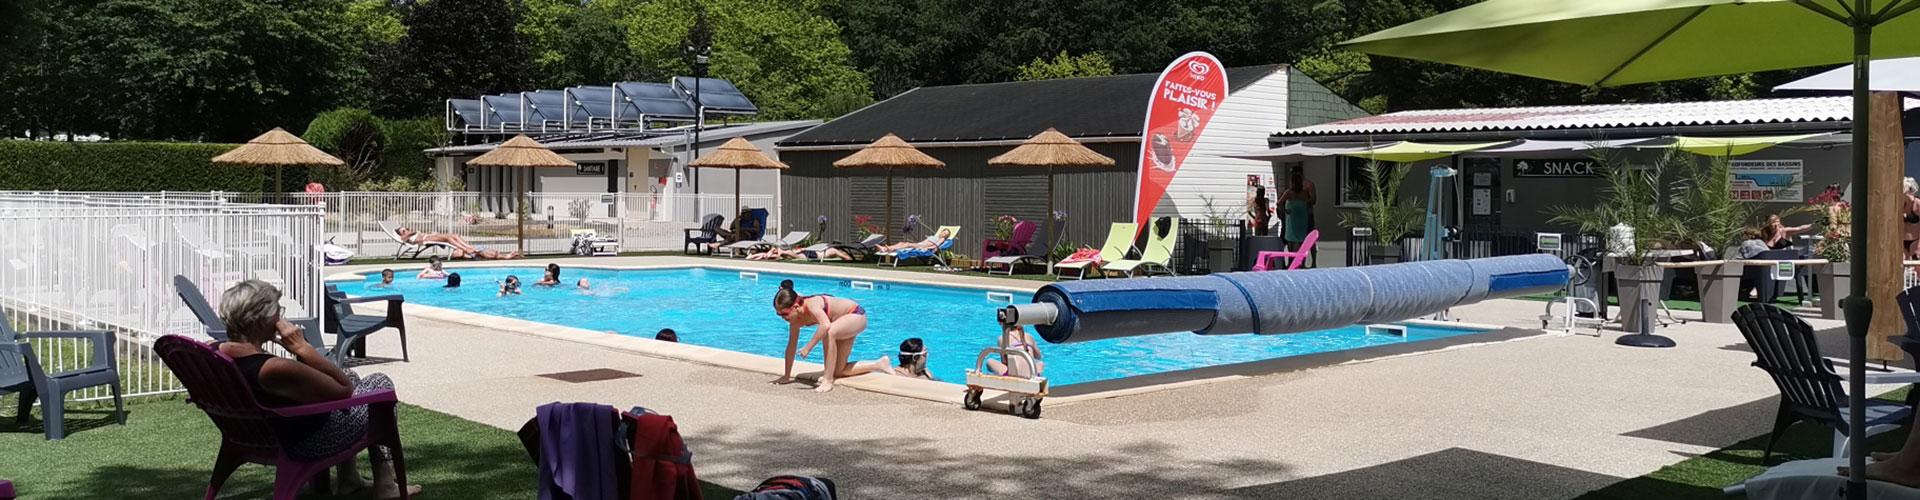 piscine extérieure du camping 3 étoiles à Aizenay